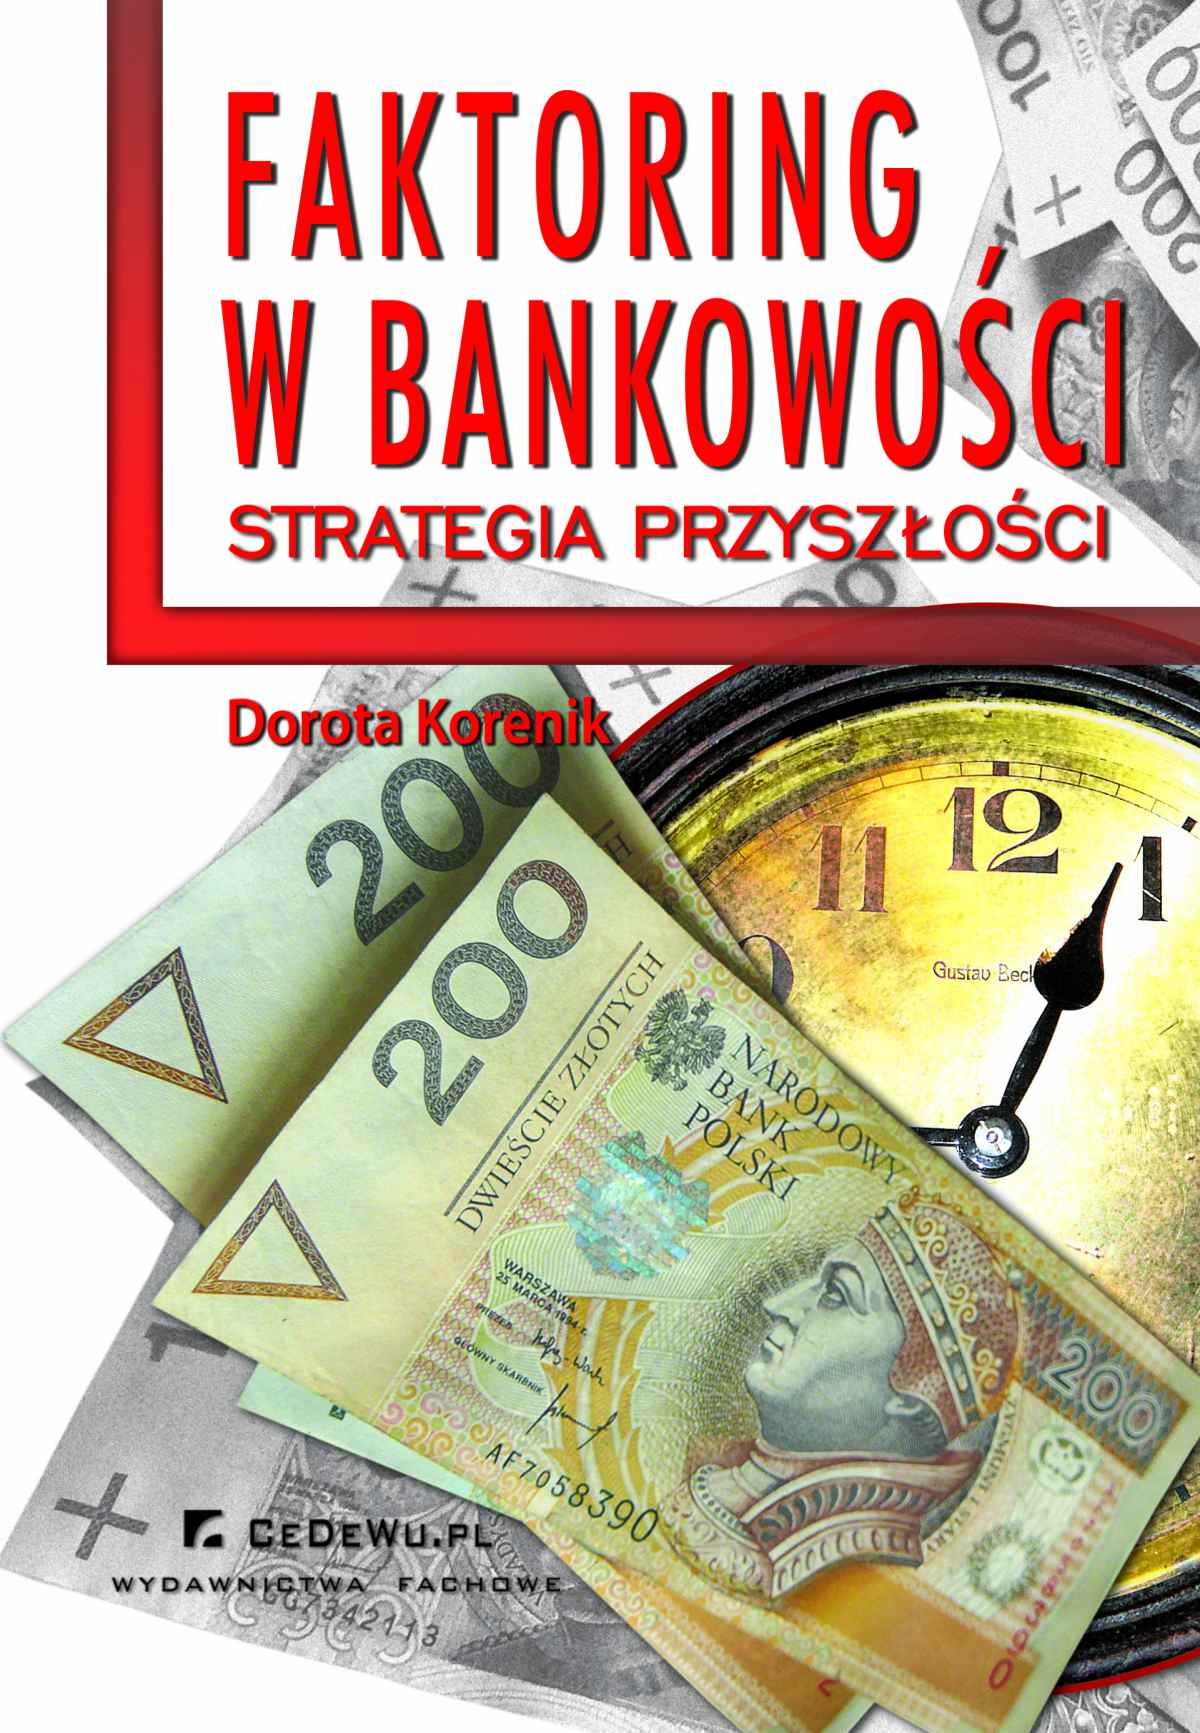 Faktoring w bankowości - strategia przyszłości. Rozdział 3. Możliwości wykorzystania potencjału faktoringu; rynek usług faktoringowych w Polsce i Unii Europejskiej - Ebook (Książka PDF) do pobrania w formacie PDF